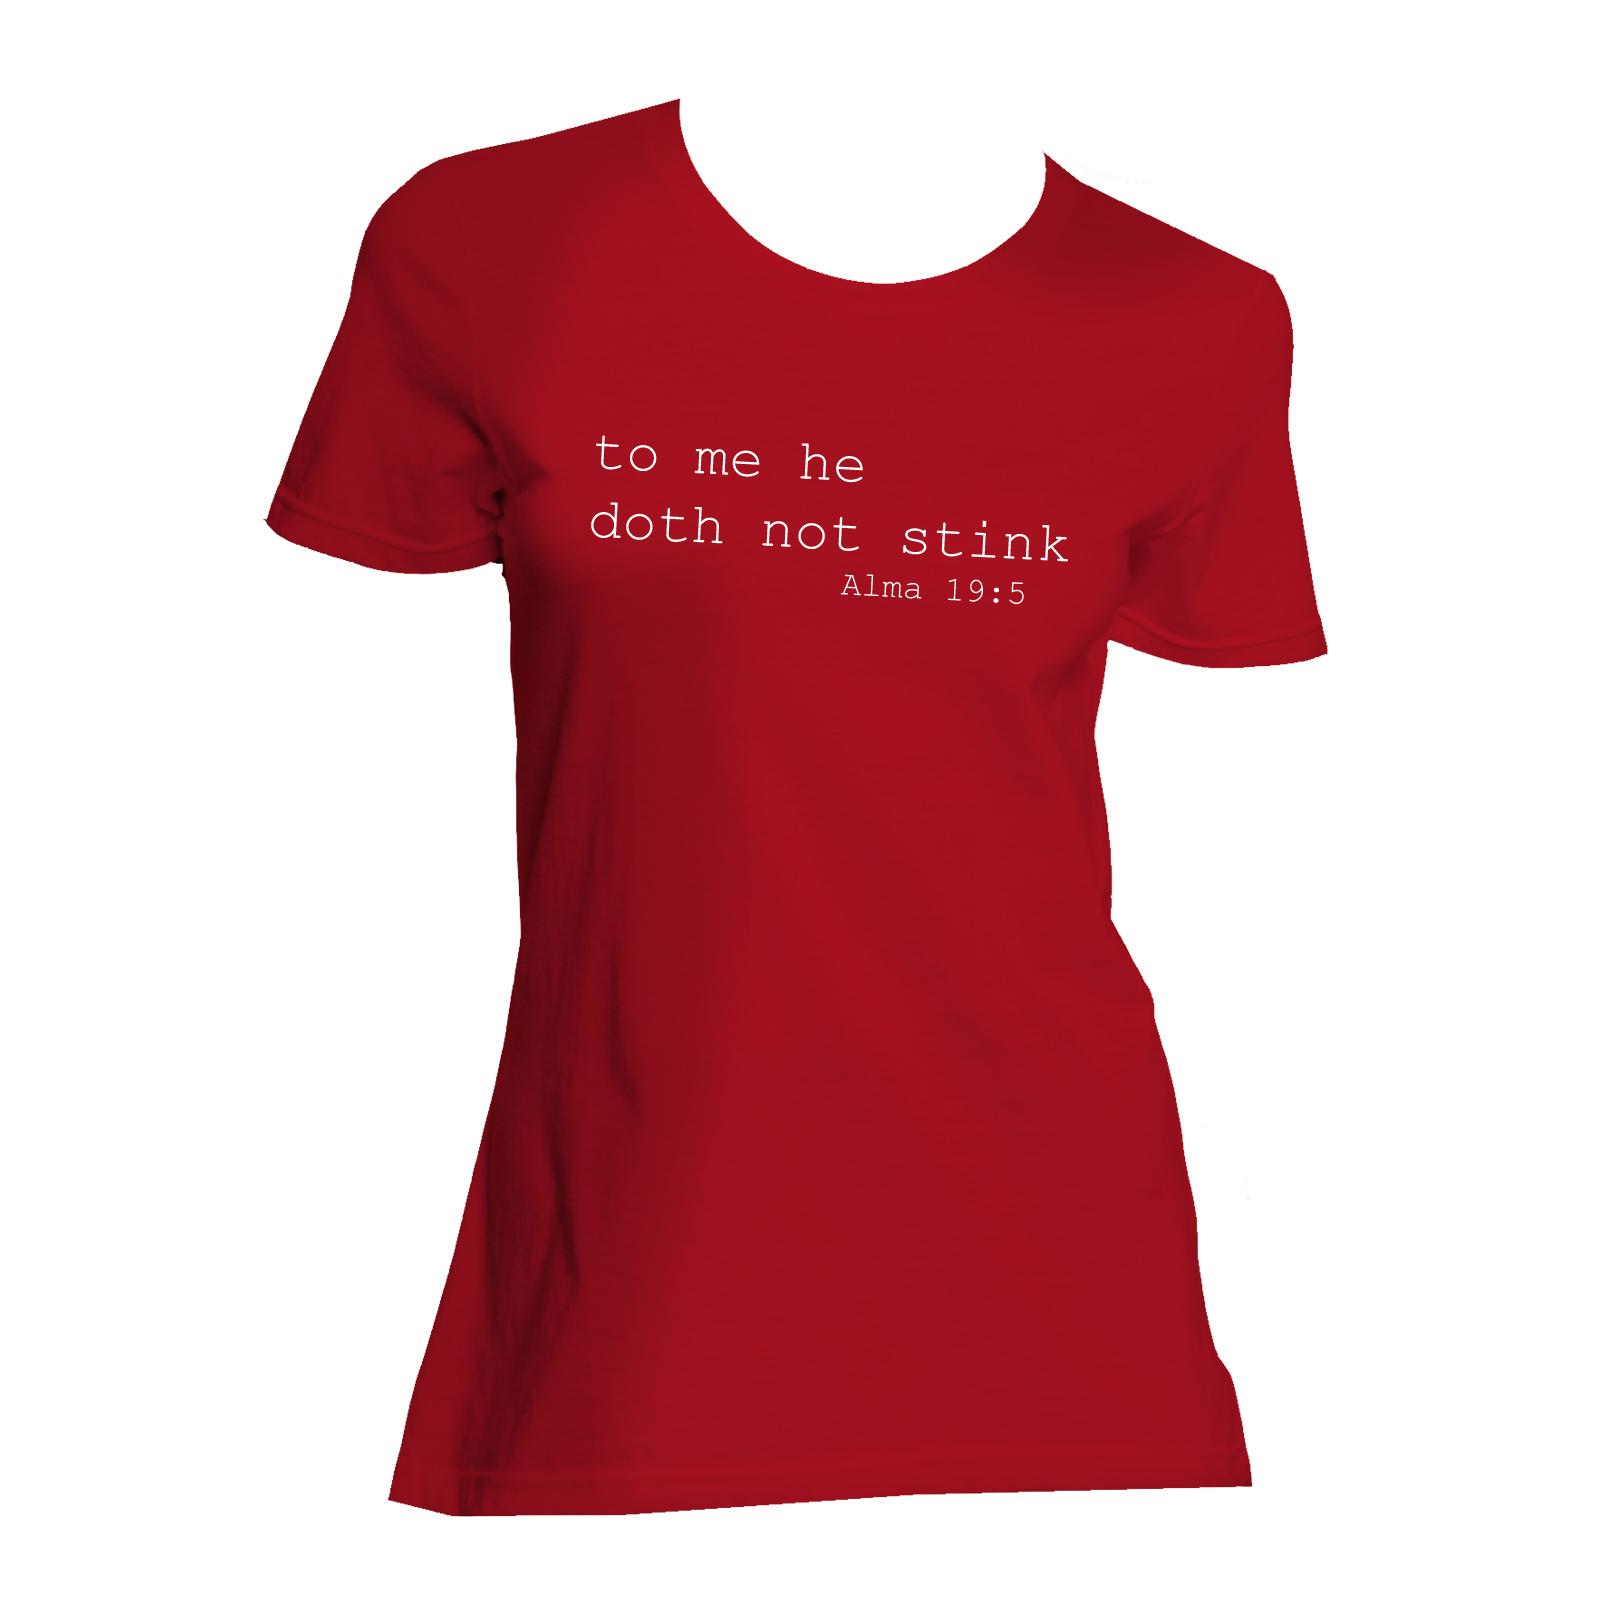 stink red Jenny Smith Portfolio